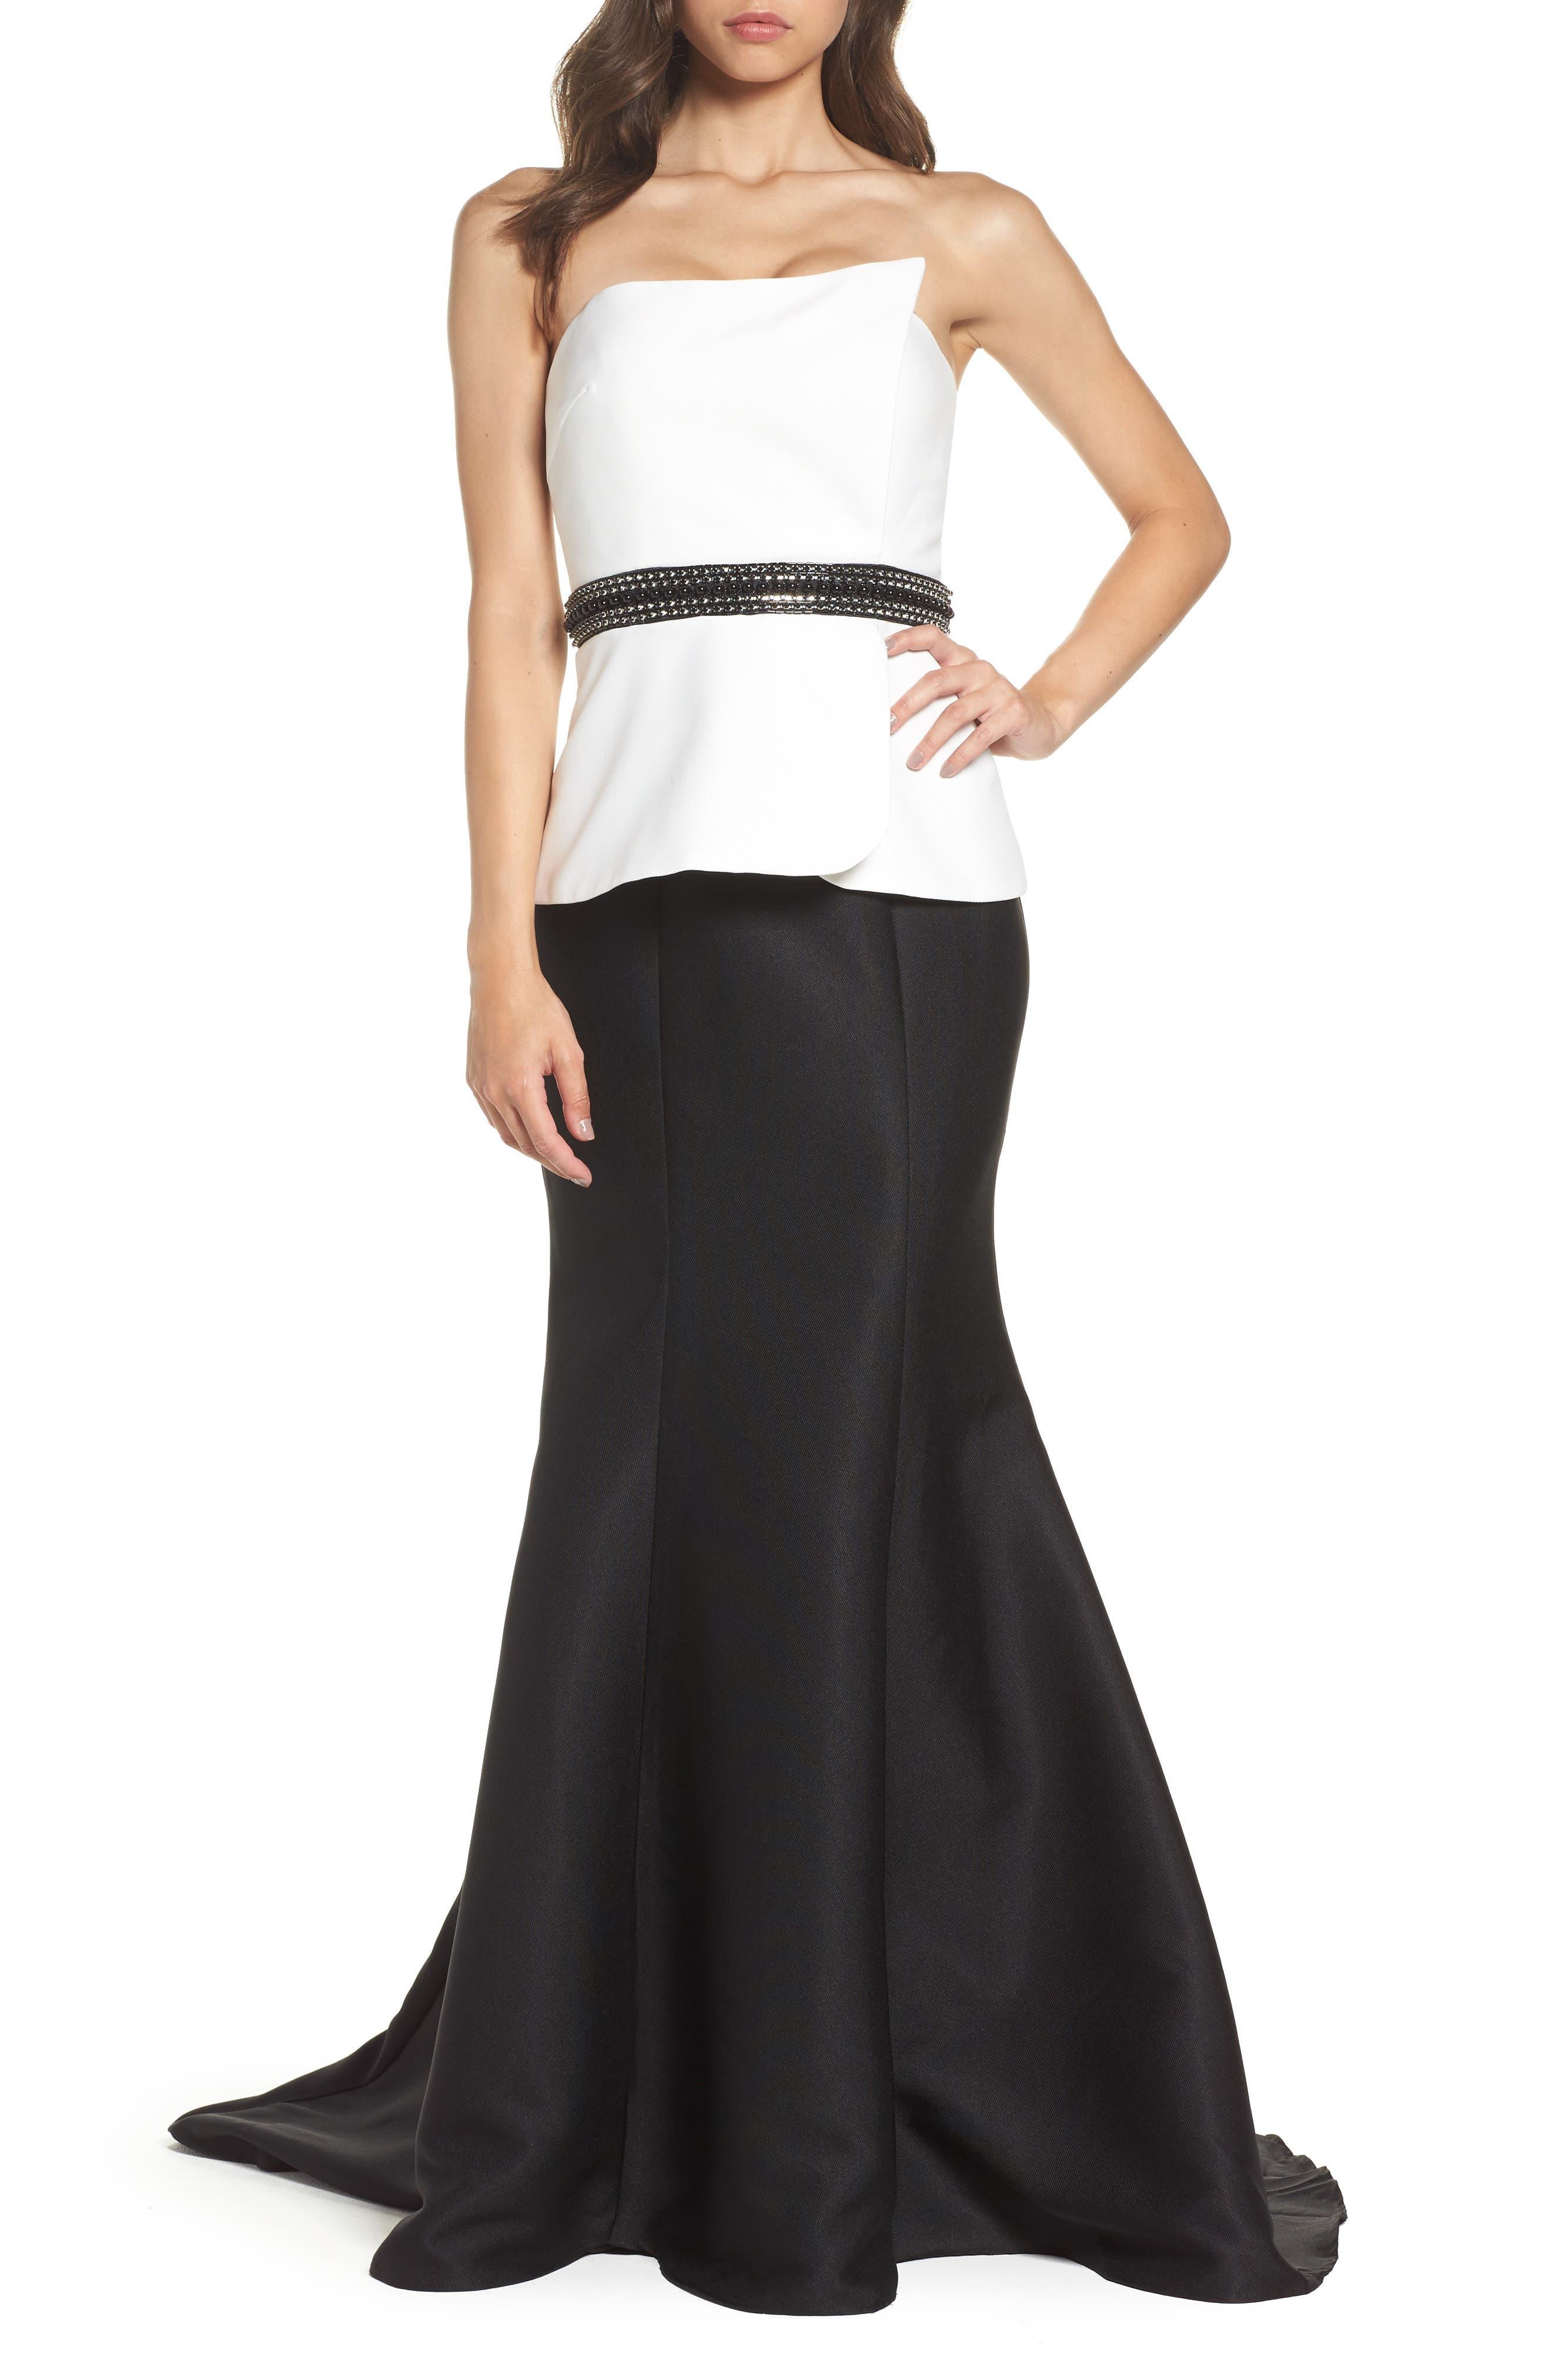 Main Image - Mac Duggal Color Block Strapless Mermaid Gown